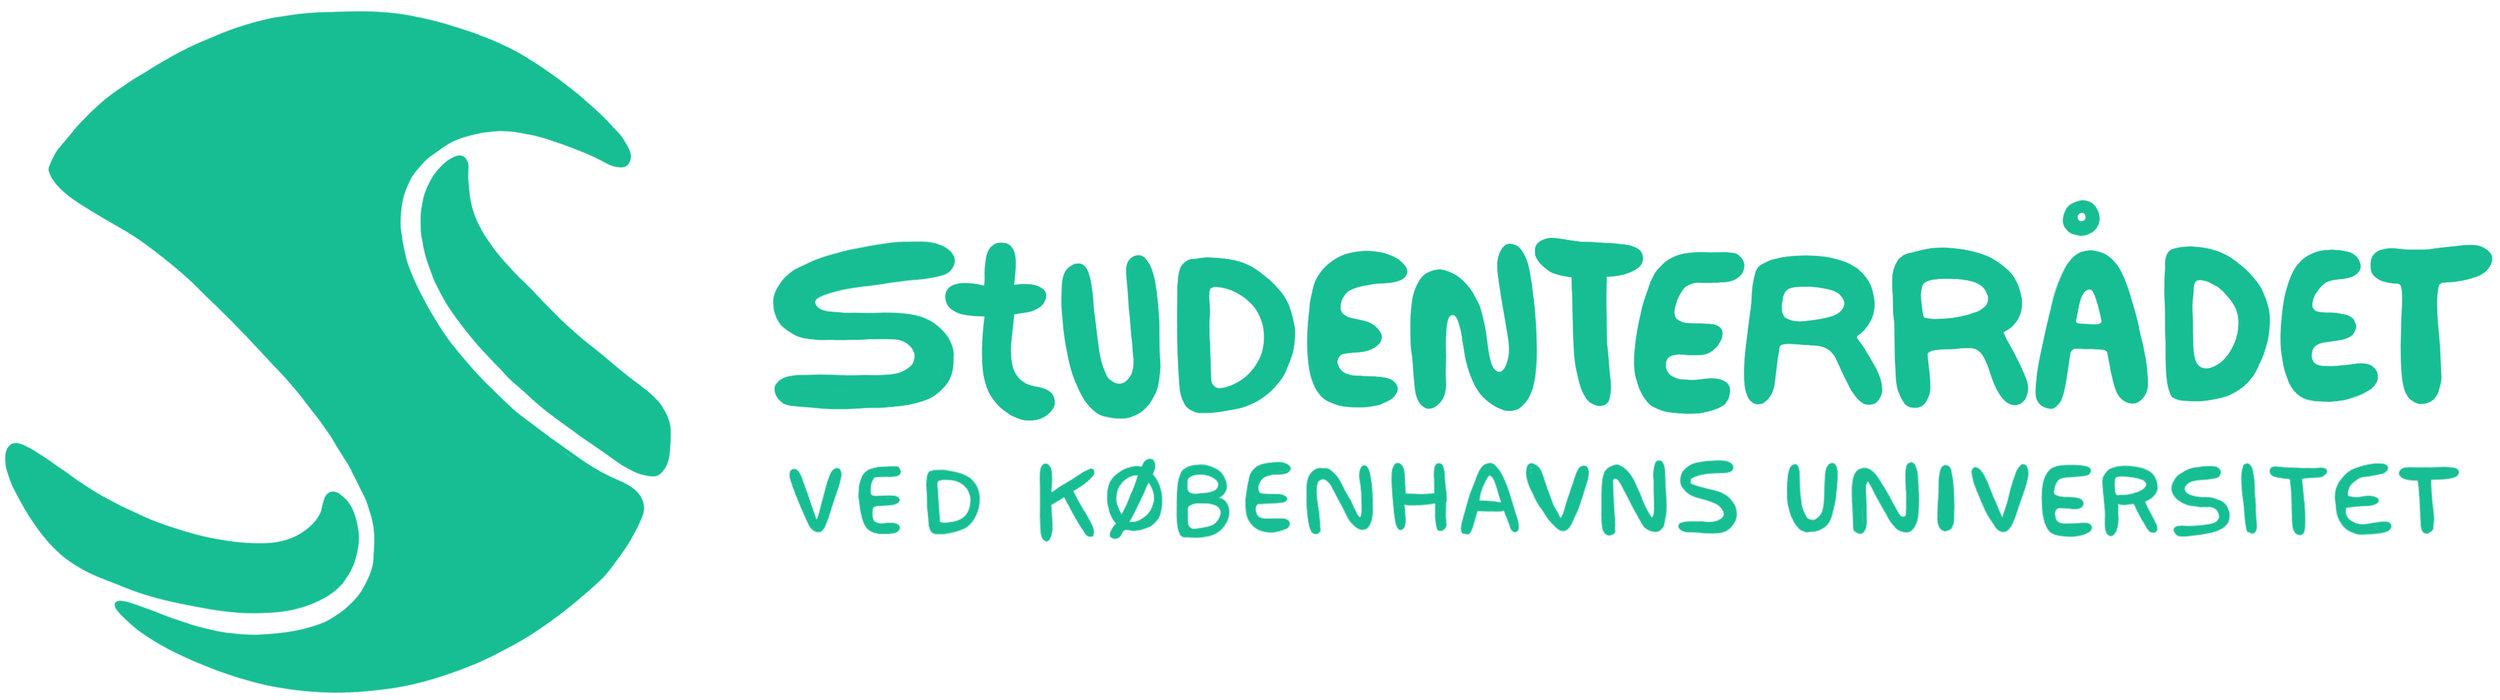 SR-logo-2019-aflangt-grønt.jpg